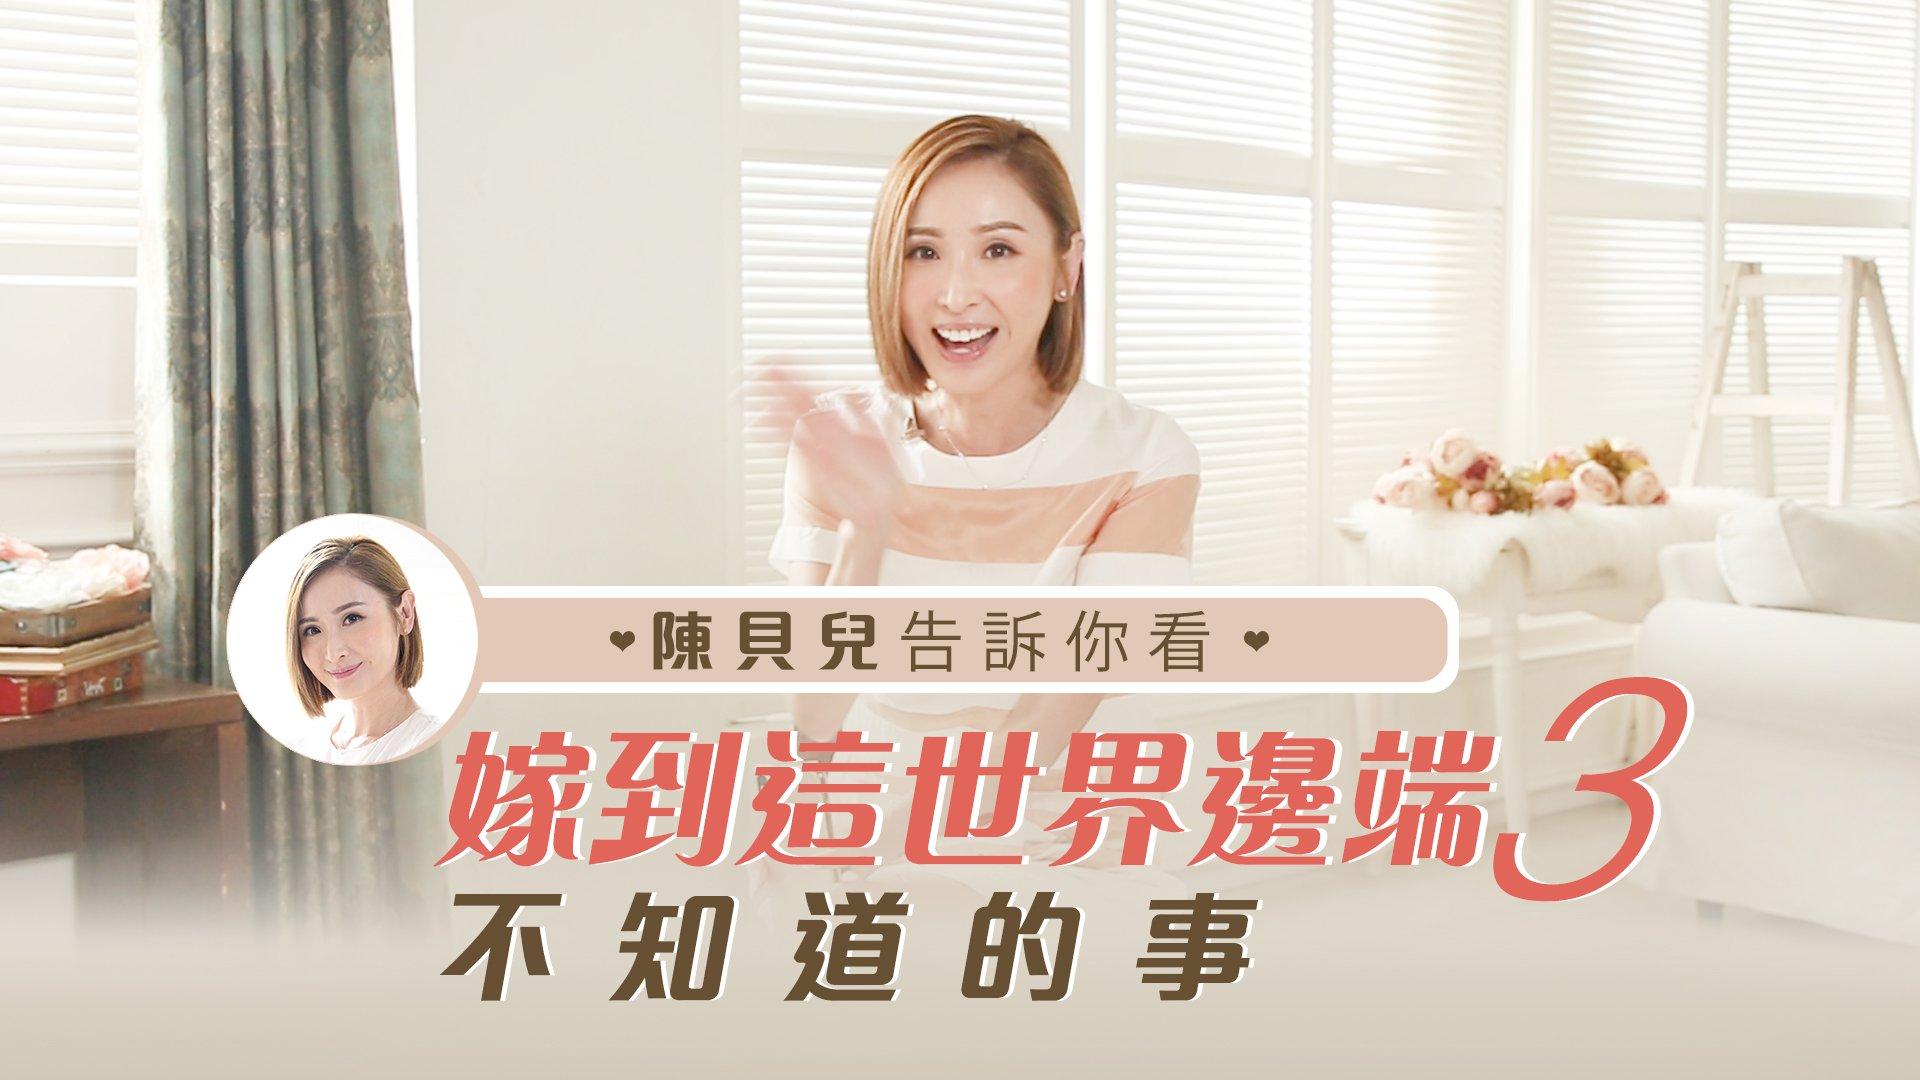 陳貝兒開live!告訴你看《嫁到這世界邊端3》不如道的事